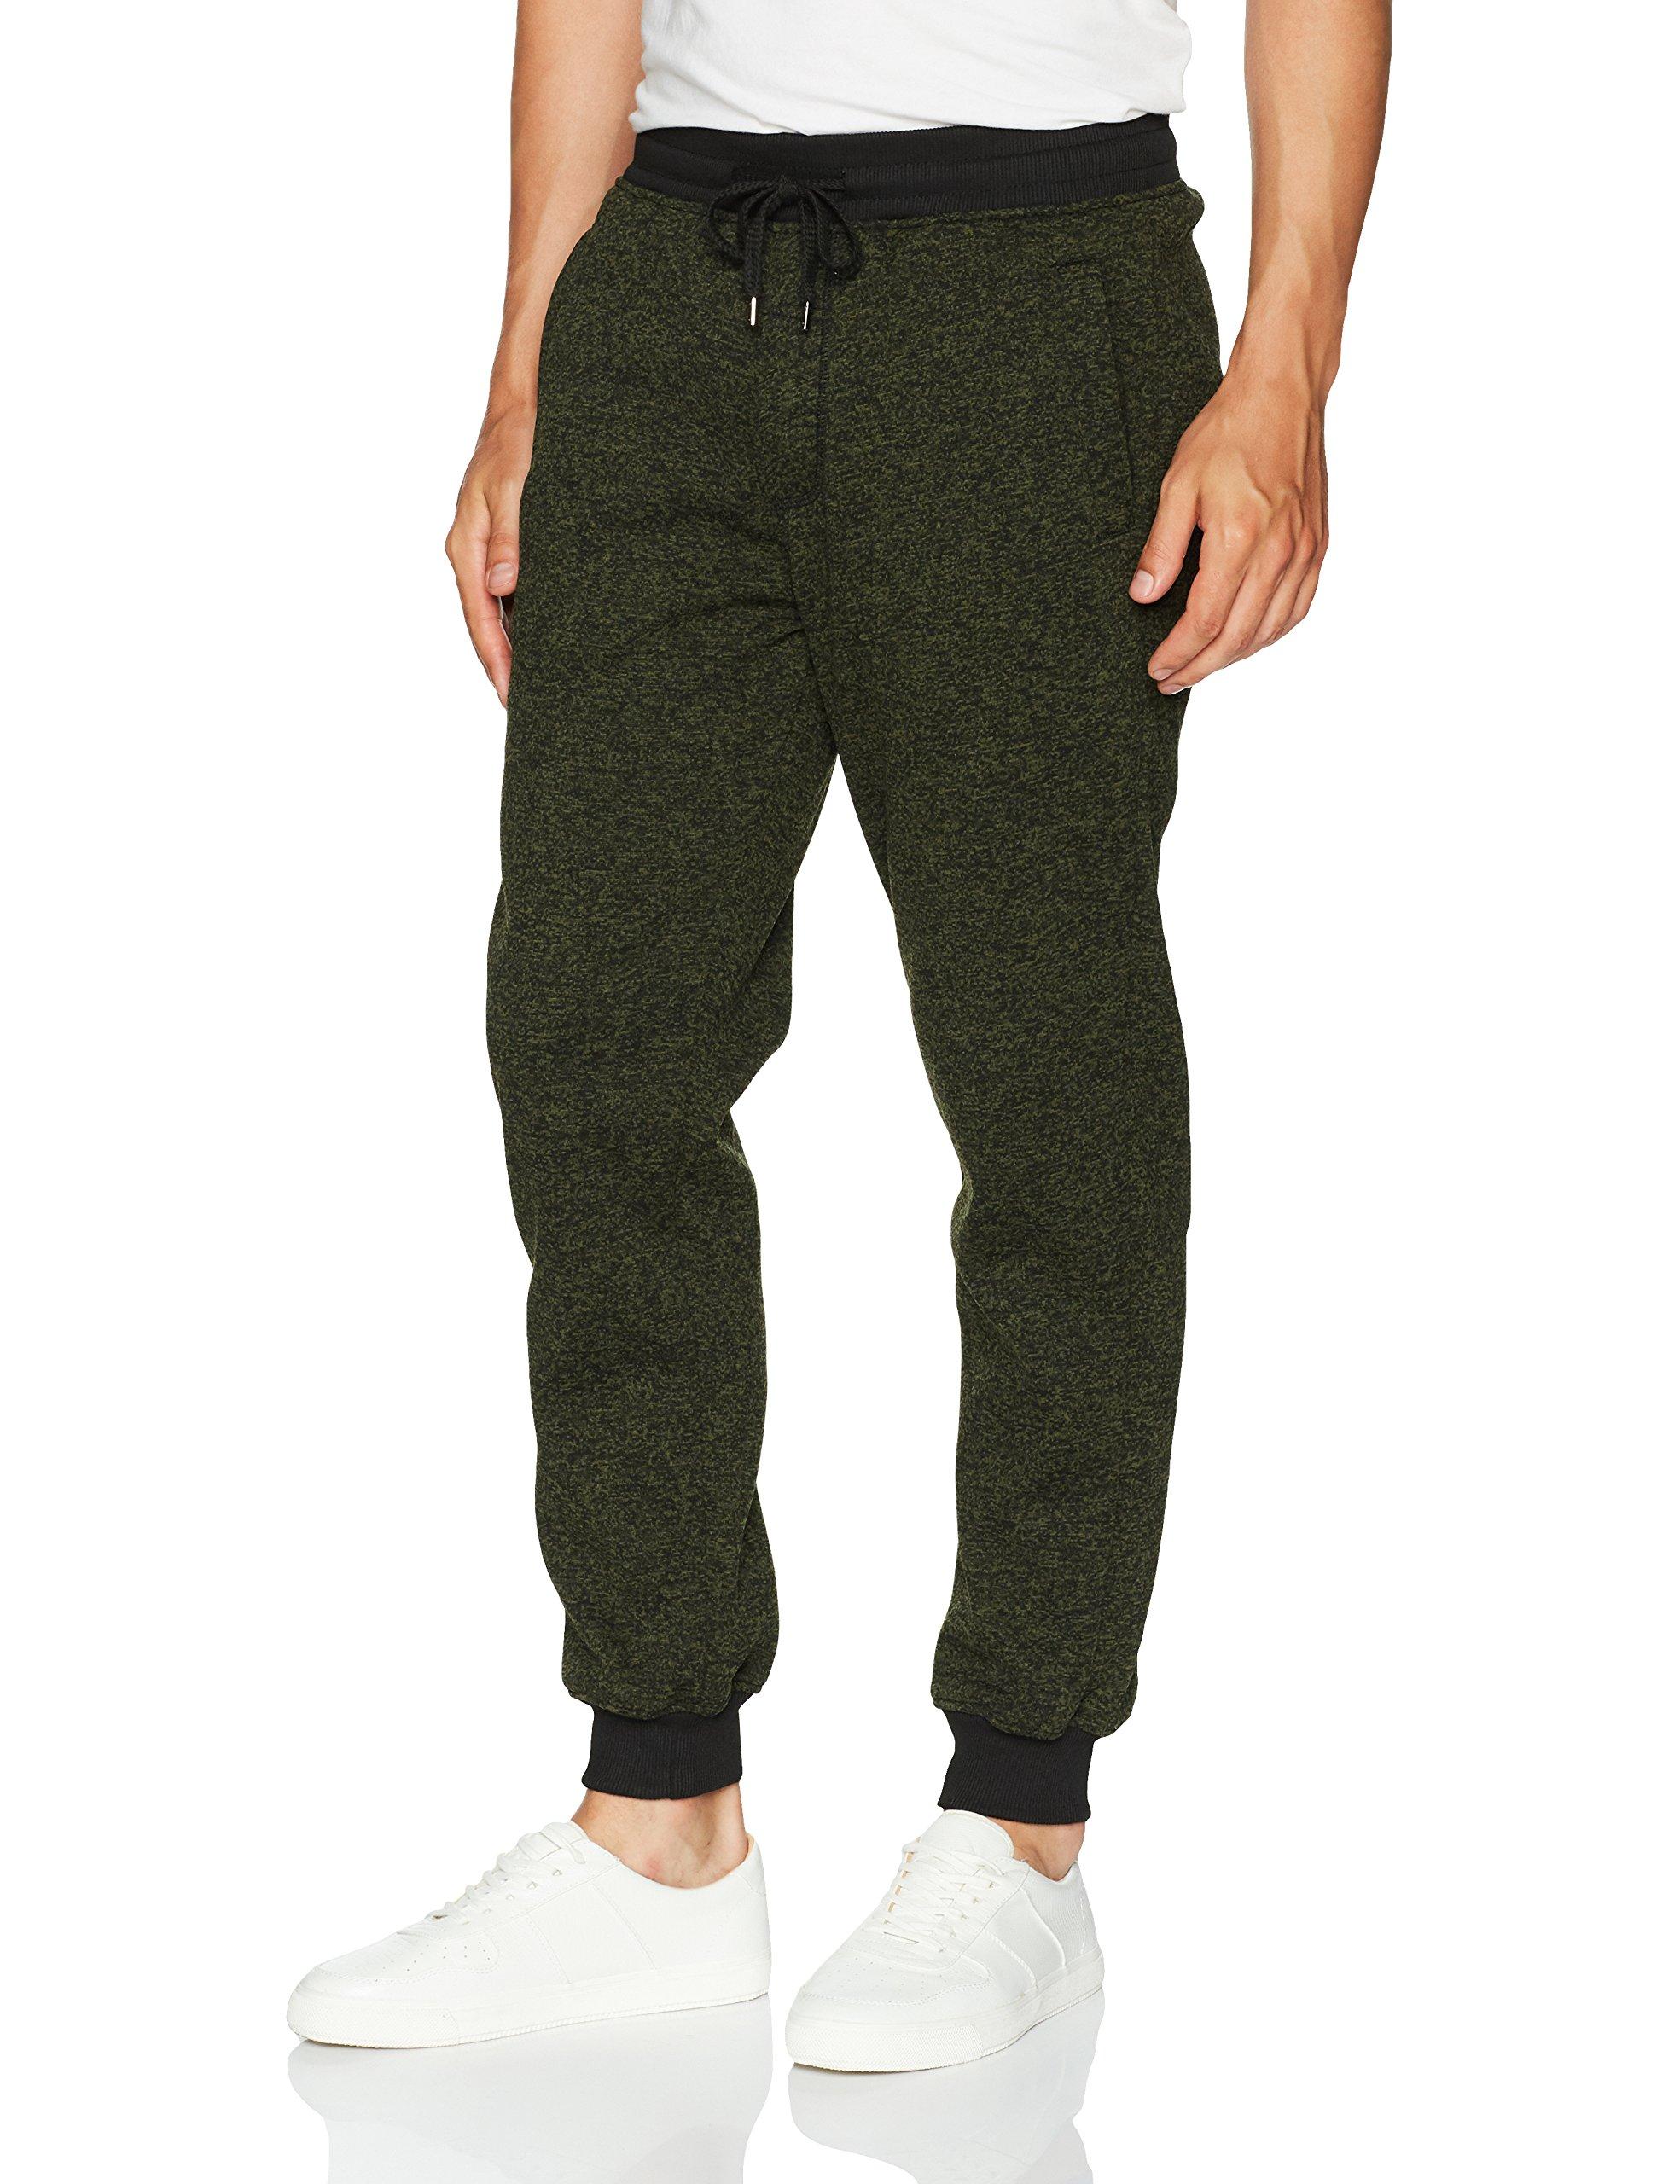 Southpole Men's Basic Fleece Marled Jogger Pant, Olive(Marled), Large